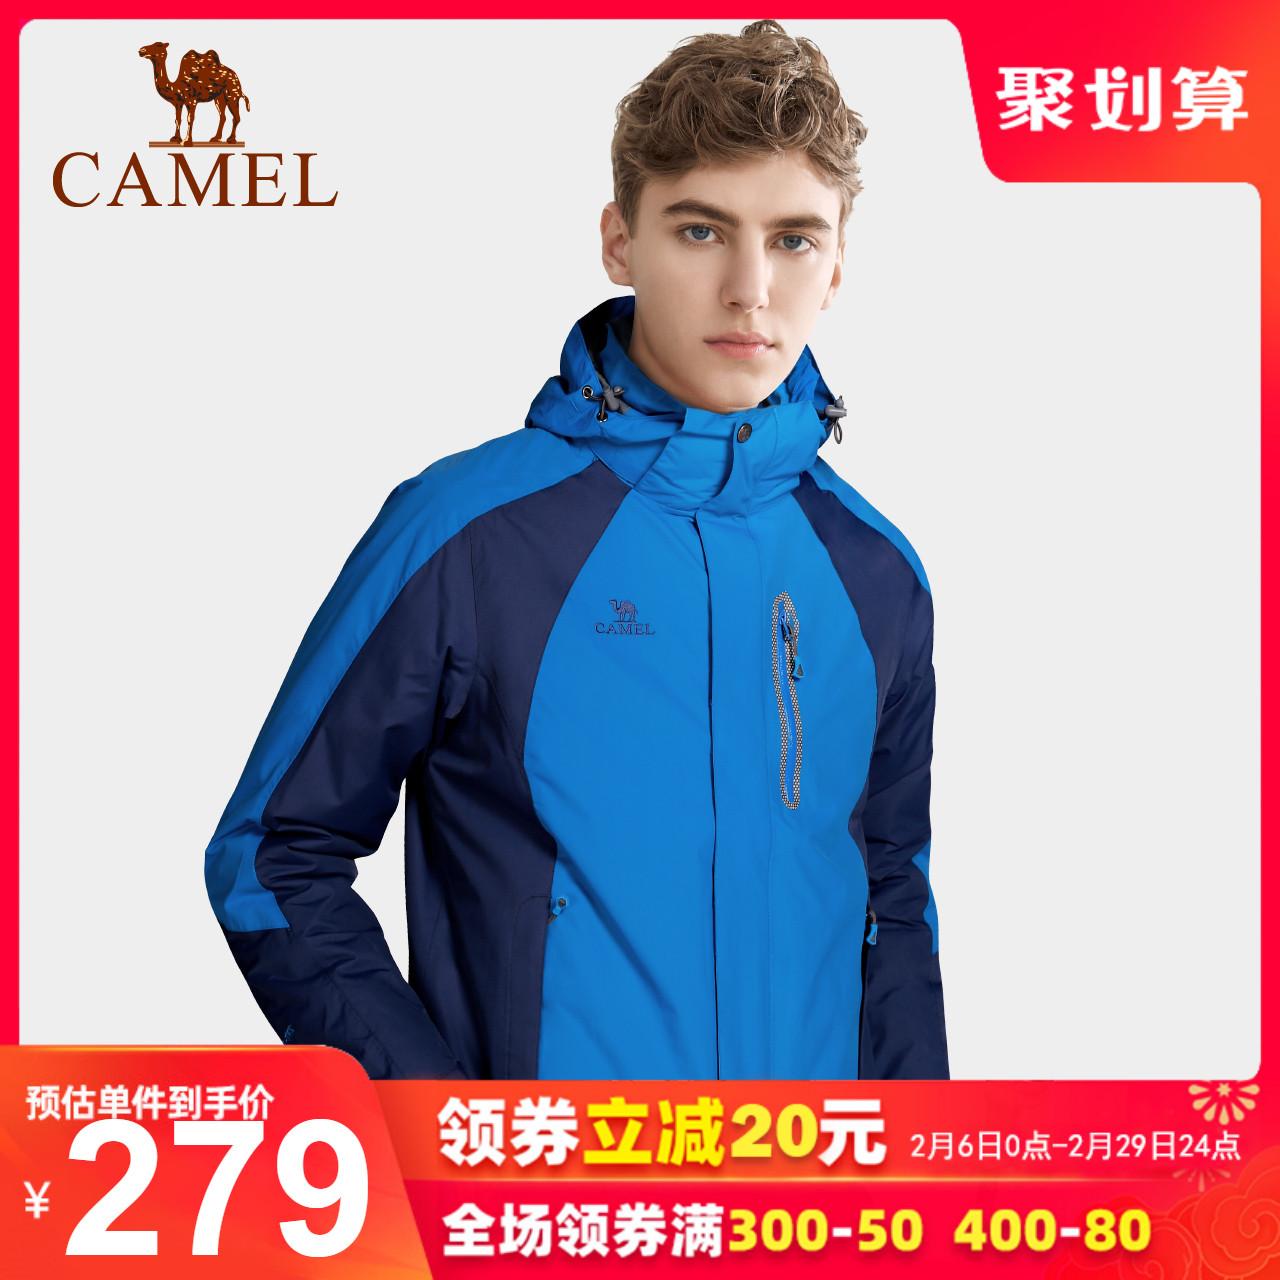 骆驼户外男款冲锋衣防水防风外套加厚摇粒绒内胆秋冬保暖潮牌外套